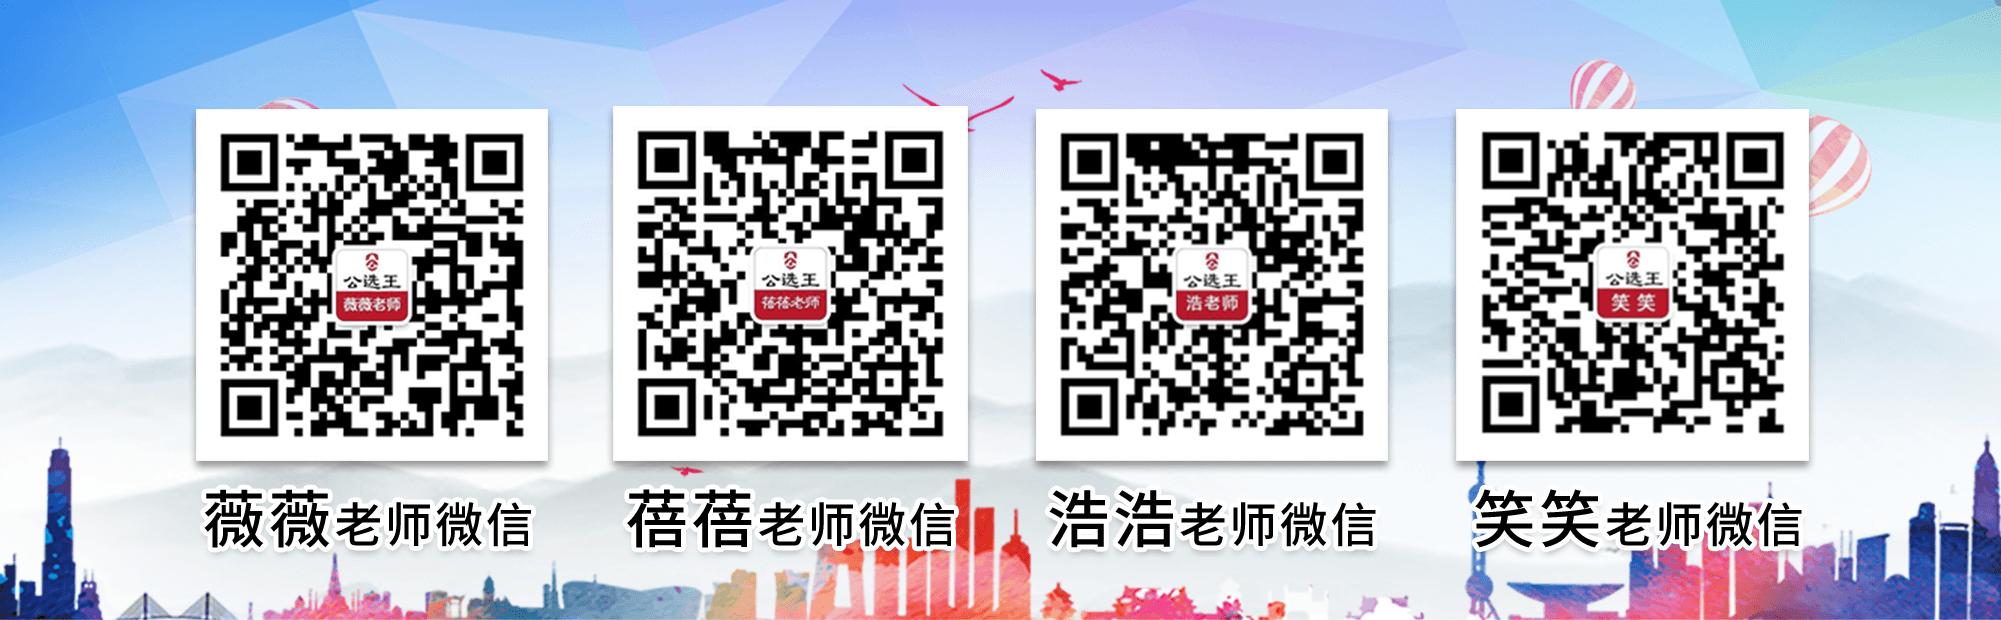 官网客服微信2019.6.3.png